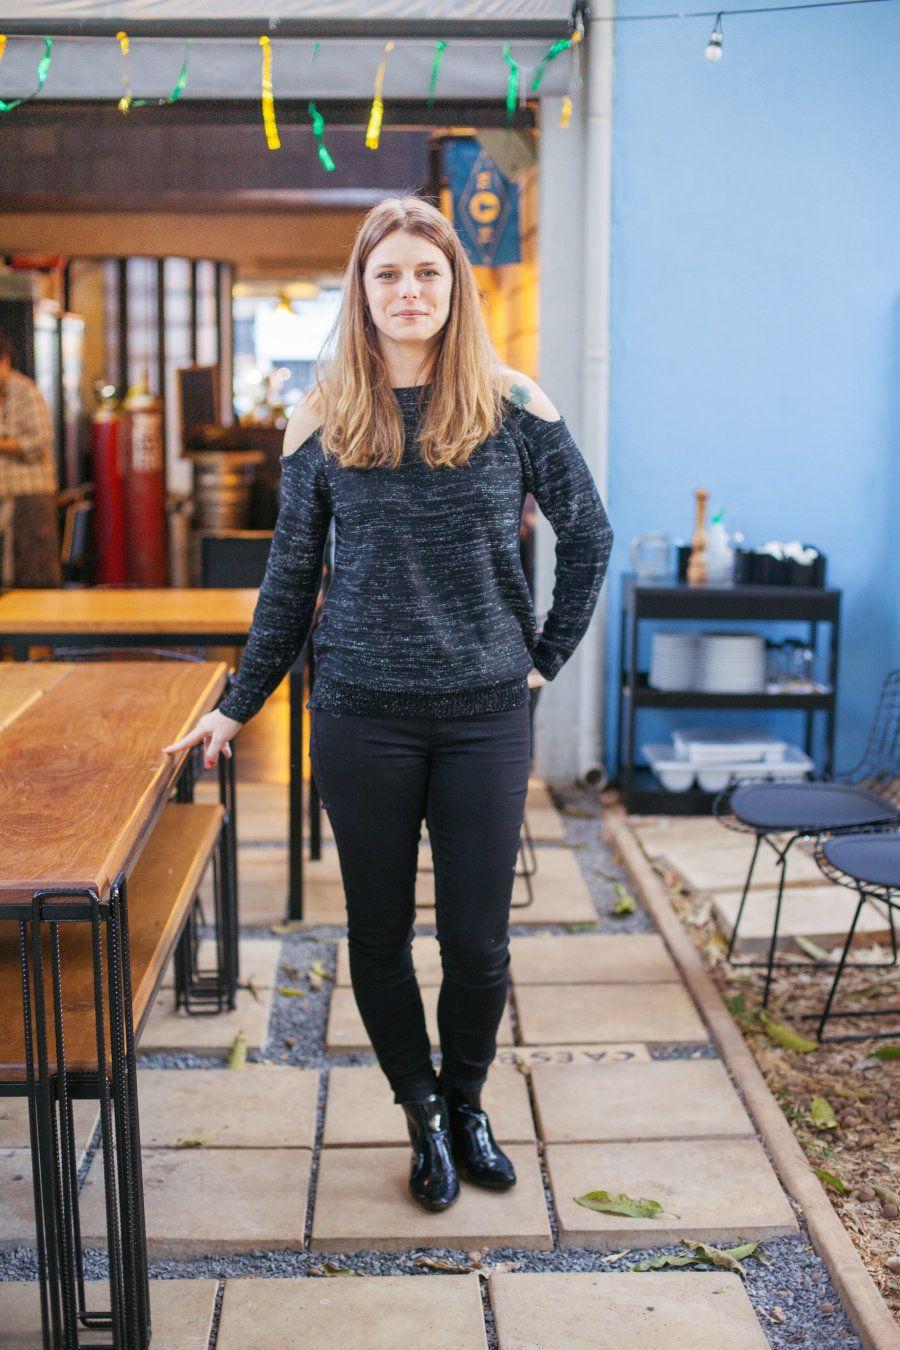 Marina é dona do bar Teta Cheese, em Brasília (DF). Lugar em que ela explora e valoriza sabores